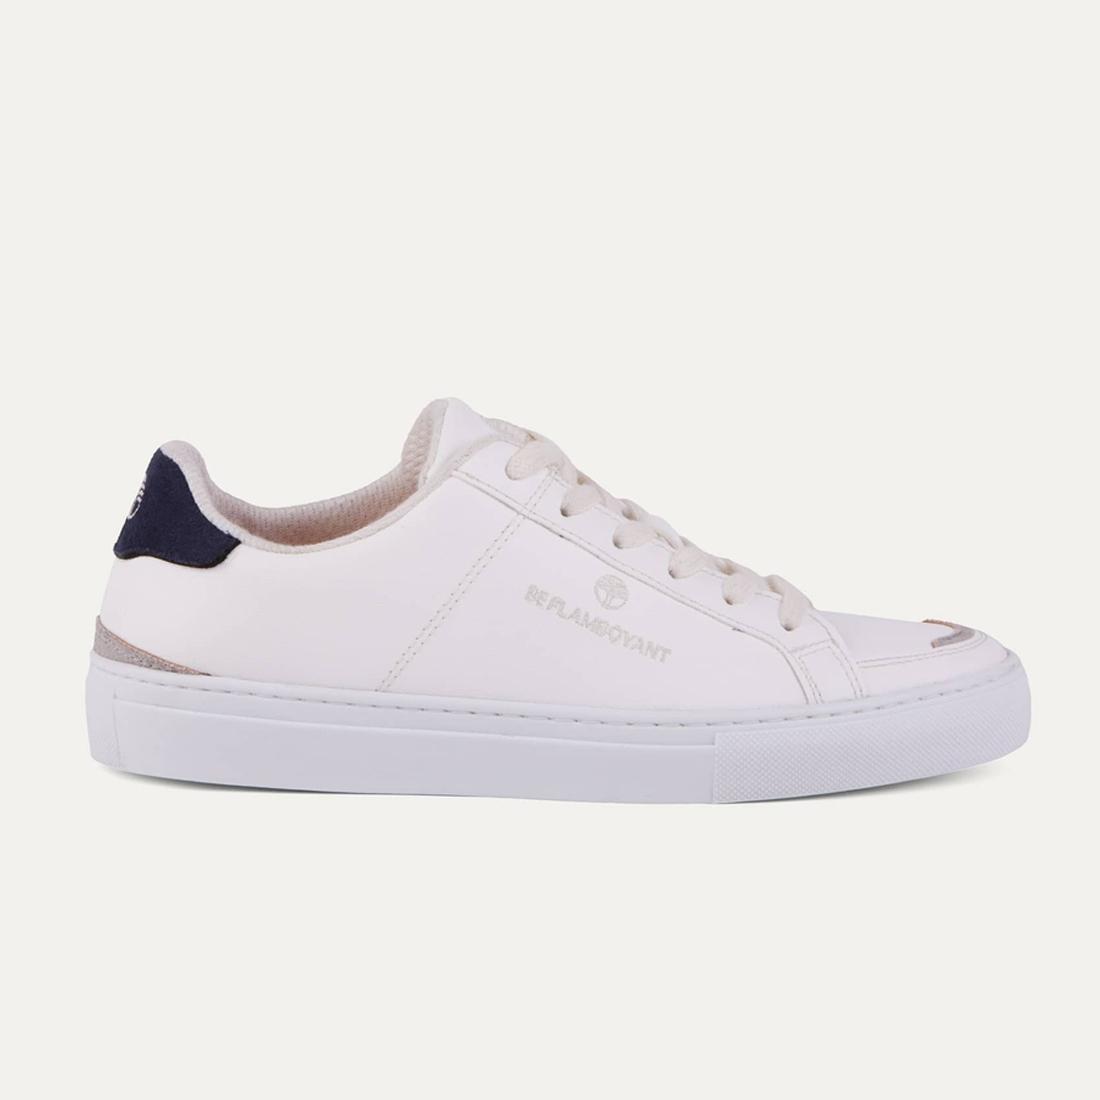 Manimal Navy Vegan Shoes